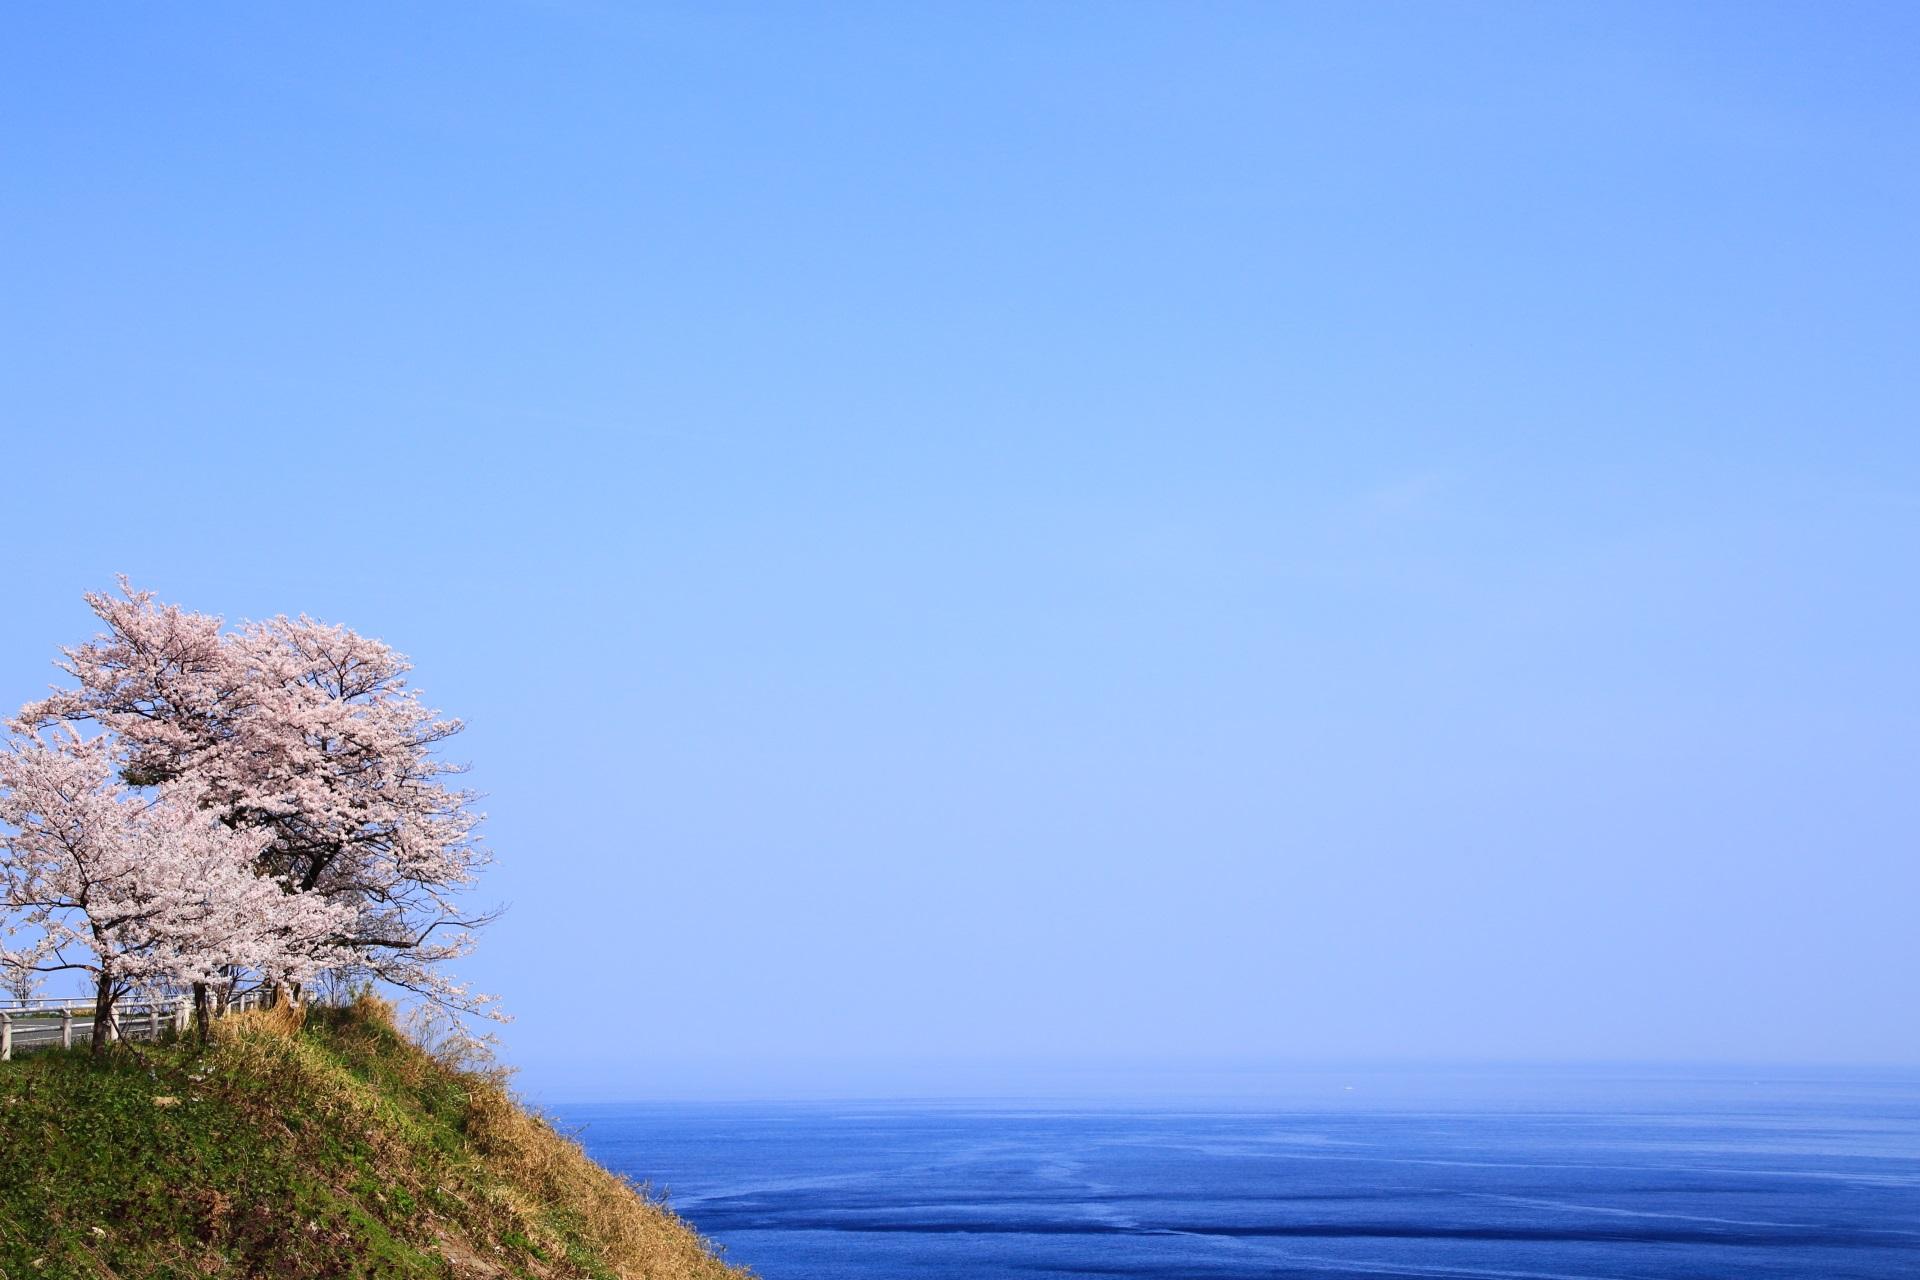 カマヤ海岸の海と青空の中で佇む桜